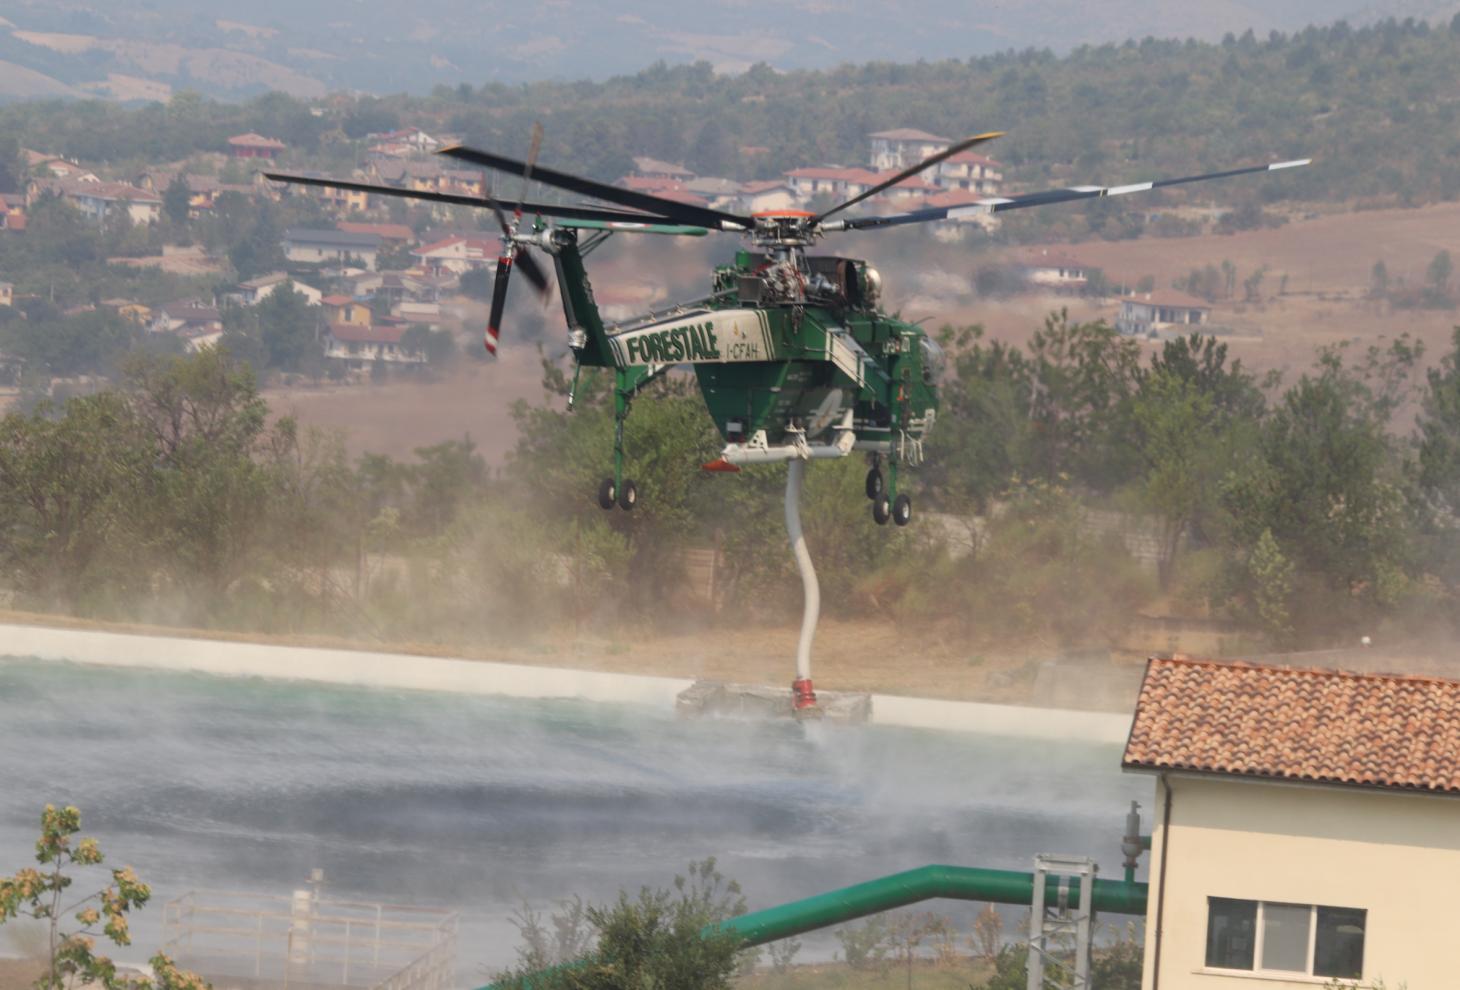 L'Erickson AirCrane S-64F carica circa 10.000 litri di acqua dalle due vasche in località Fonte d'Amore (Sulmona)